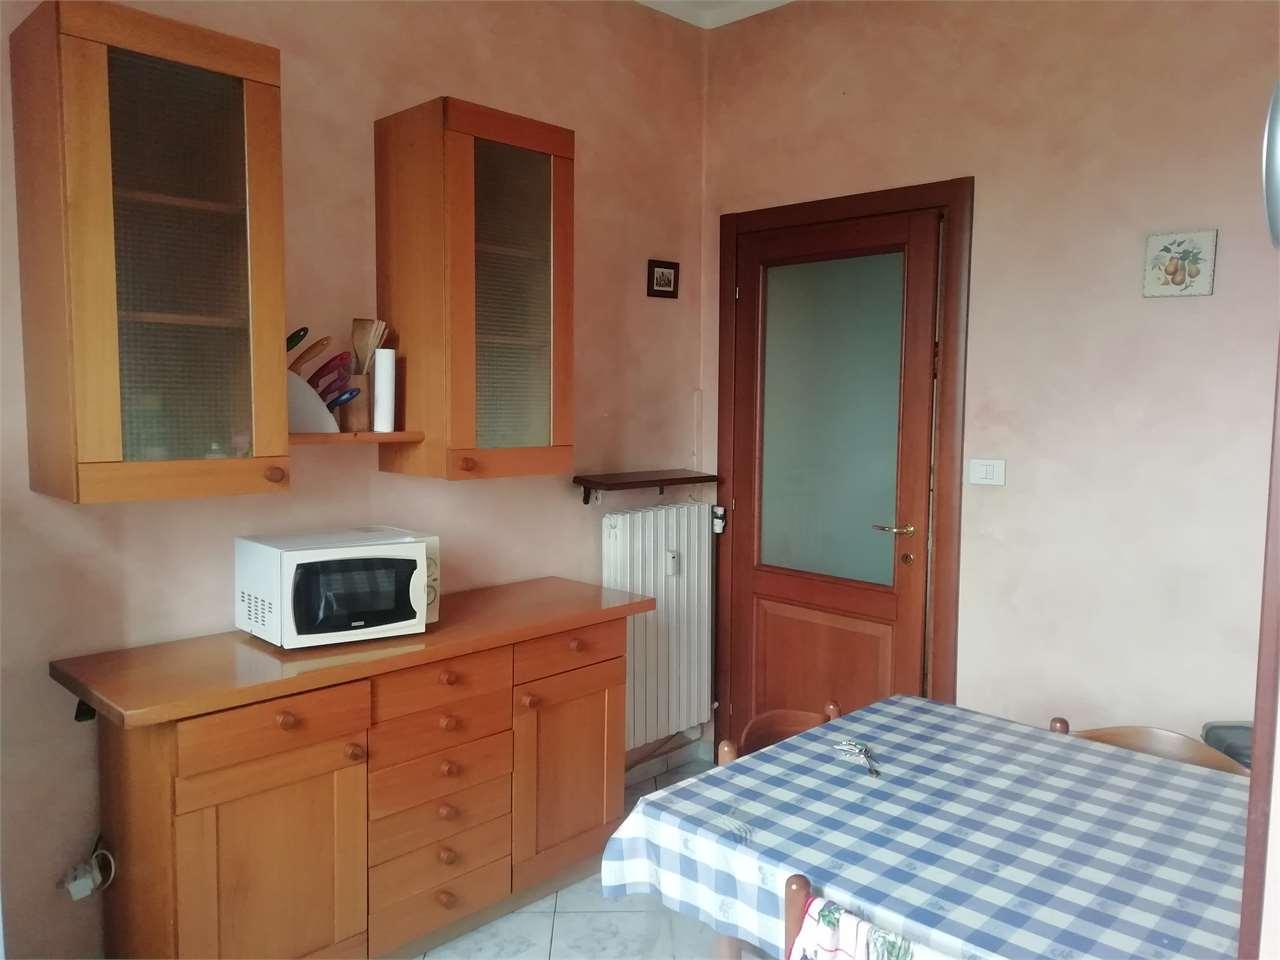 Appartamento in affitto a Alessandria, 3 locali, prezzo € 330 | PortaleAgenzieImmobiliari.it